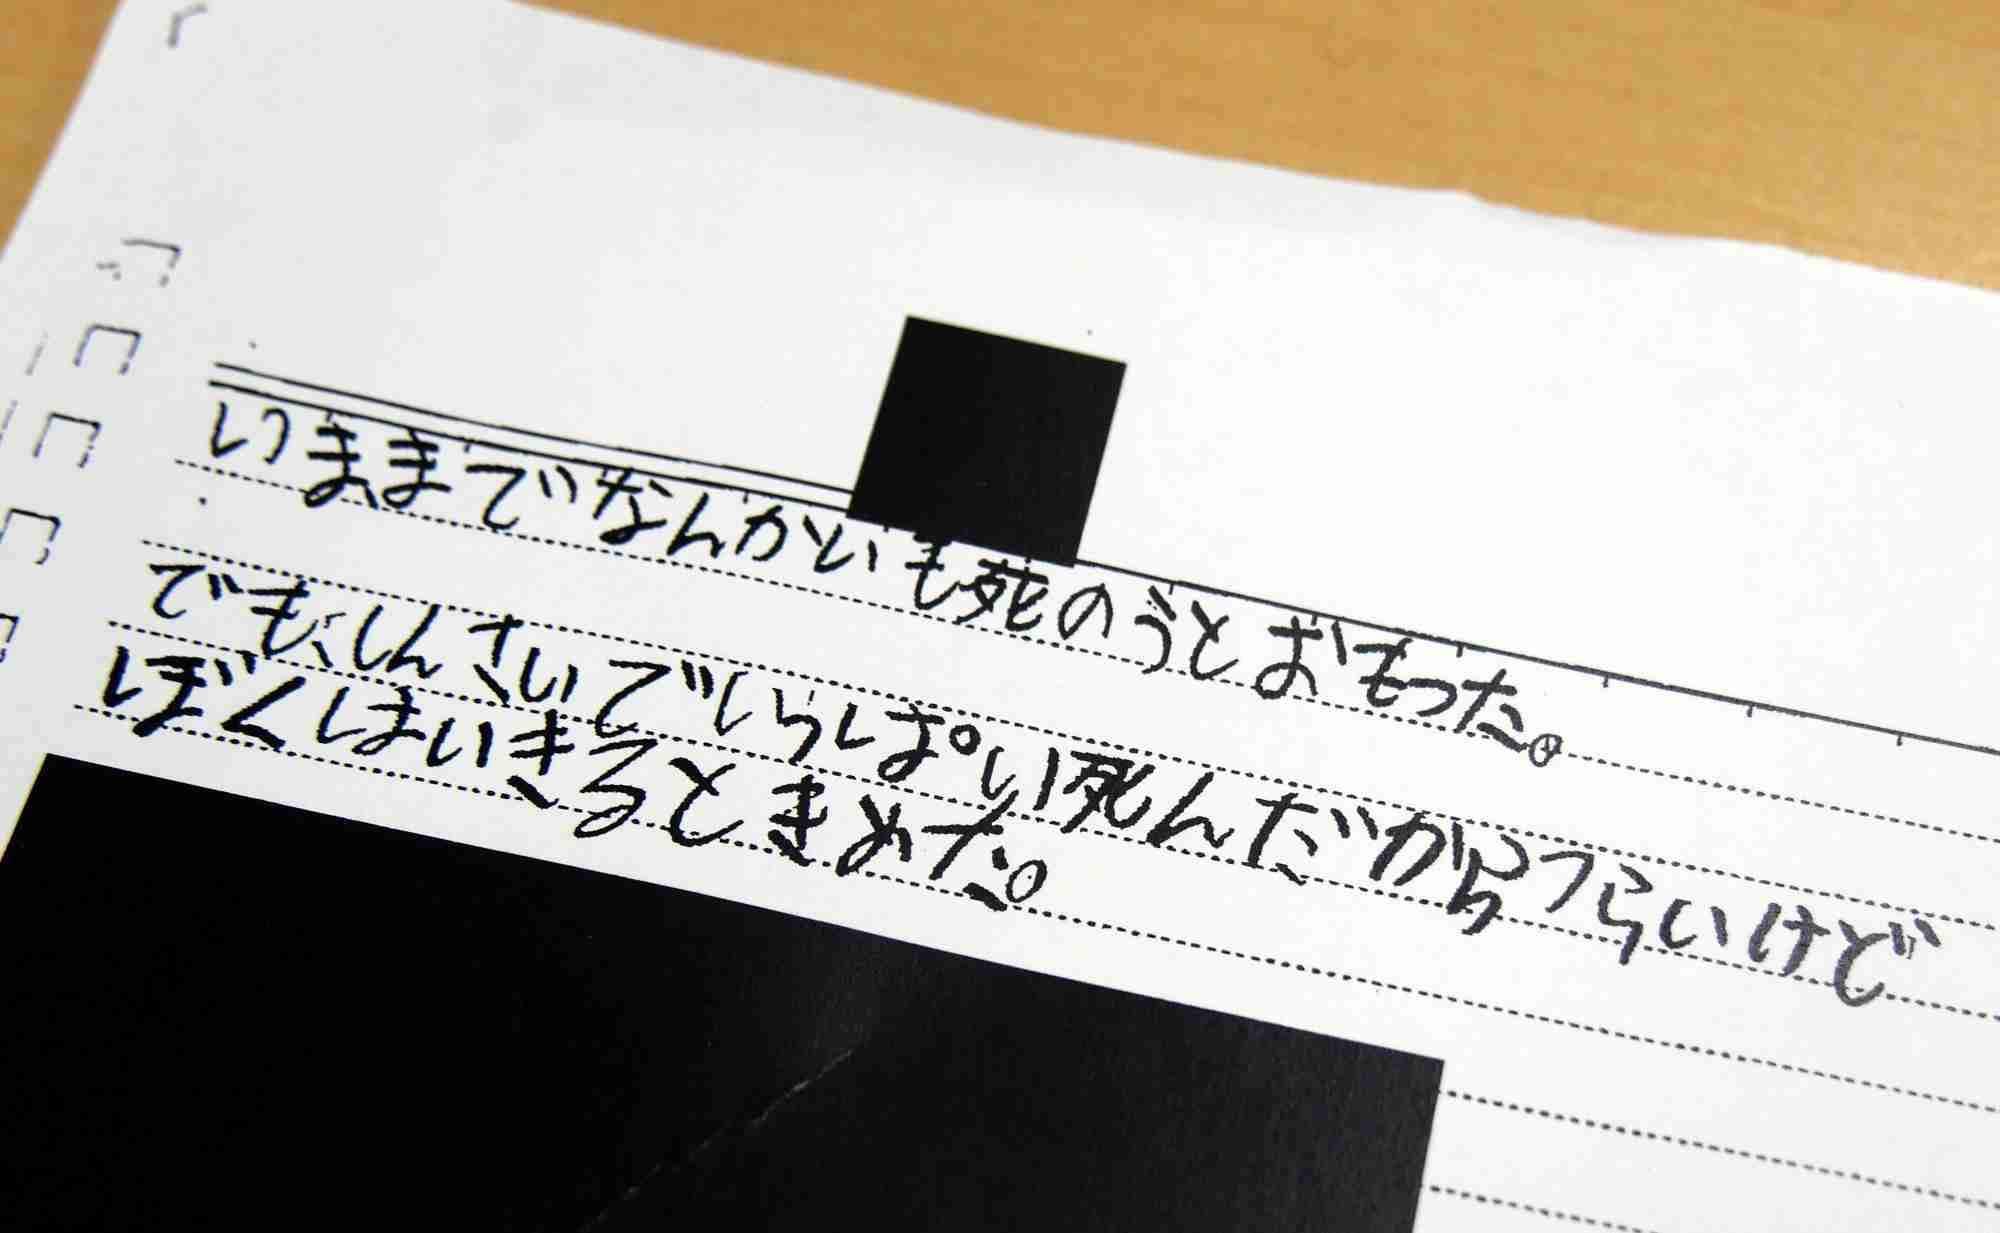 <いじめ>福島から避難生徒、手記を公表 横浜の中1